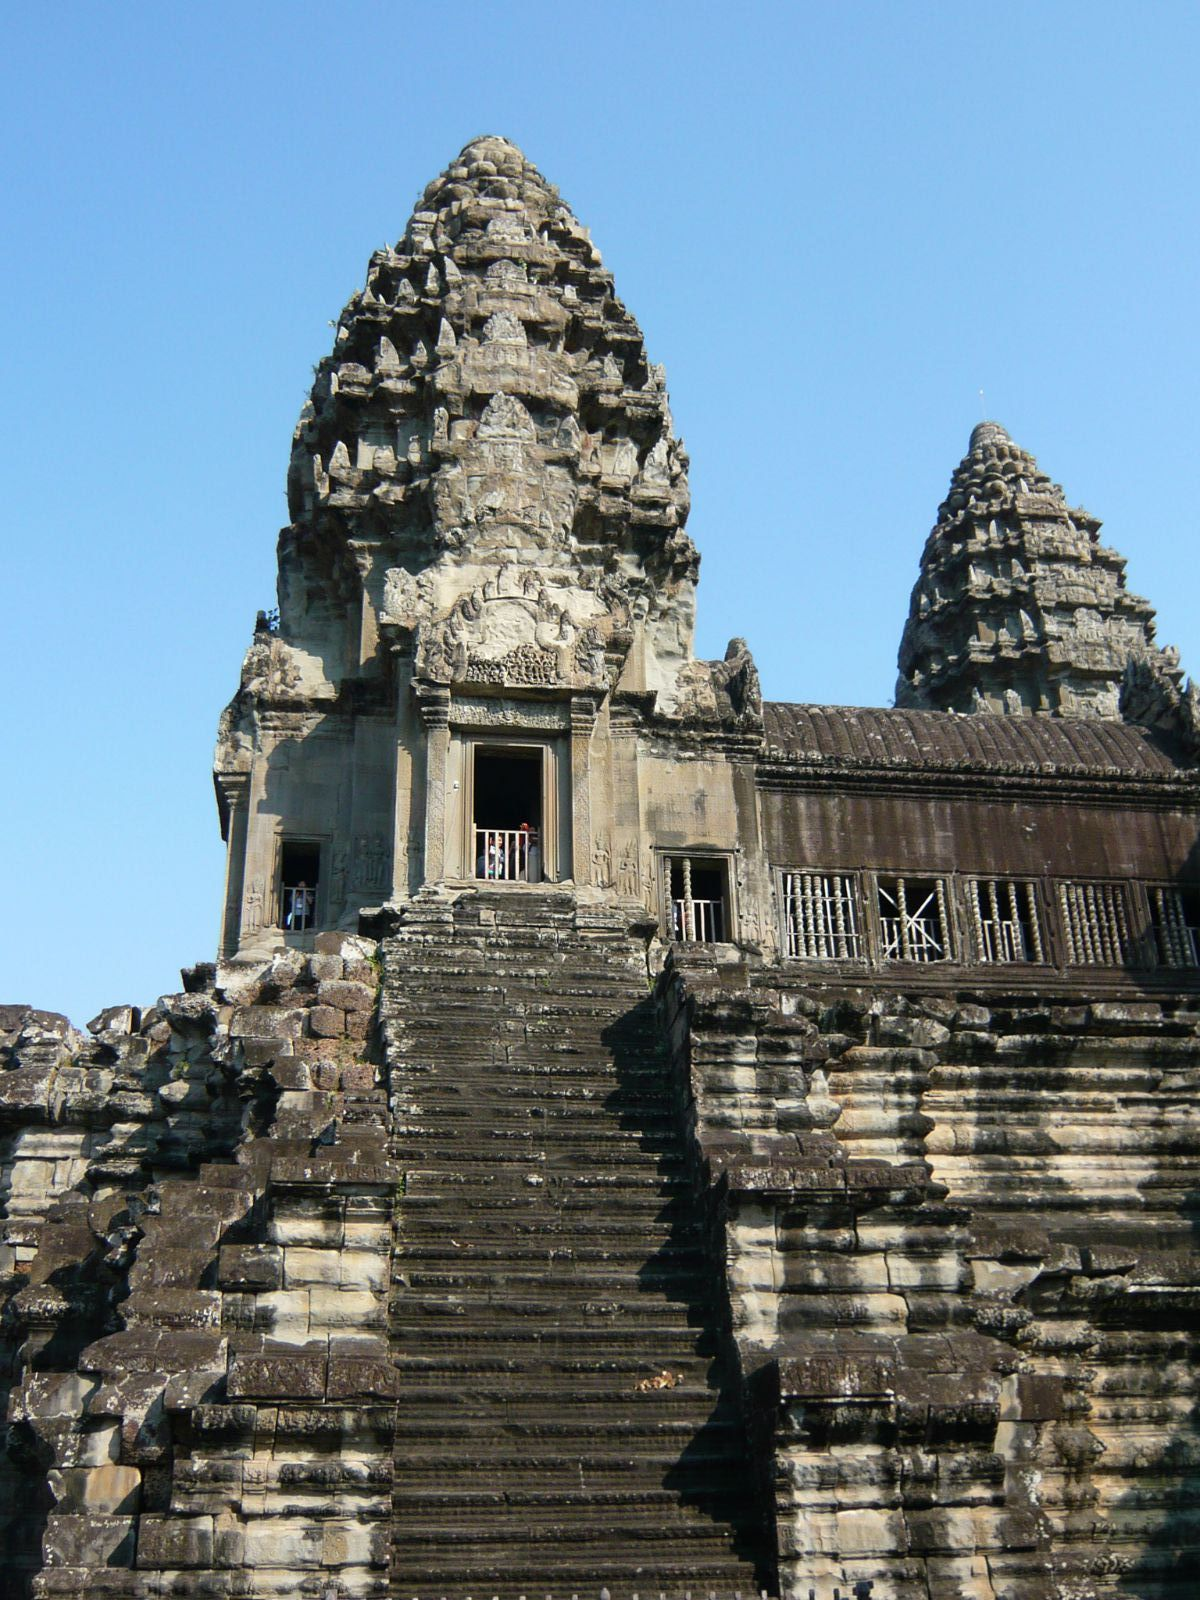 吴哥寺的堂,佛塔及其附属建筑之间军邮均有阶梯